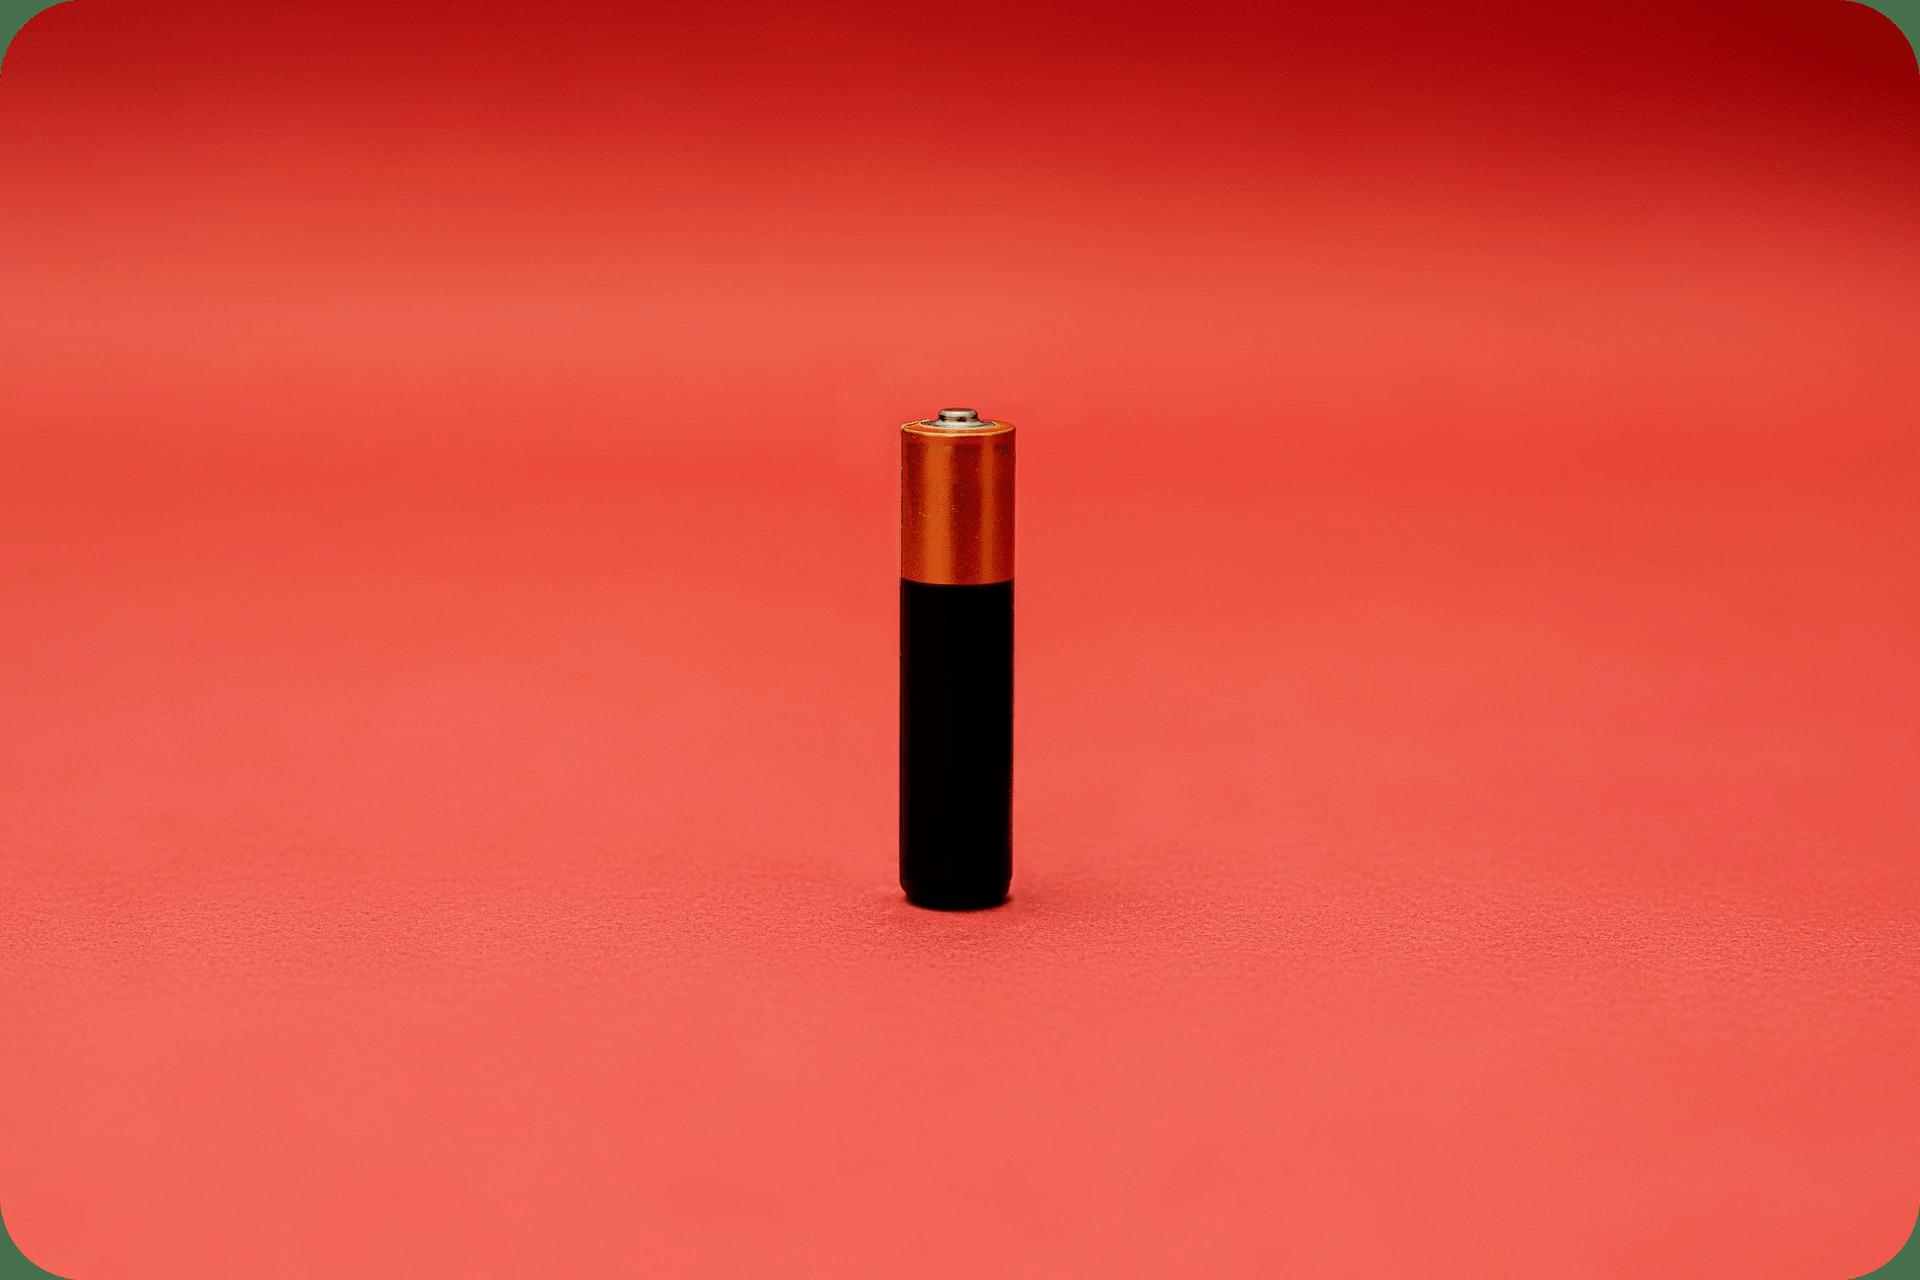 pile sur fond rouge